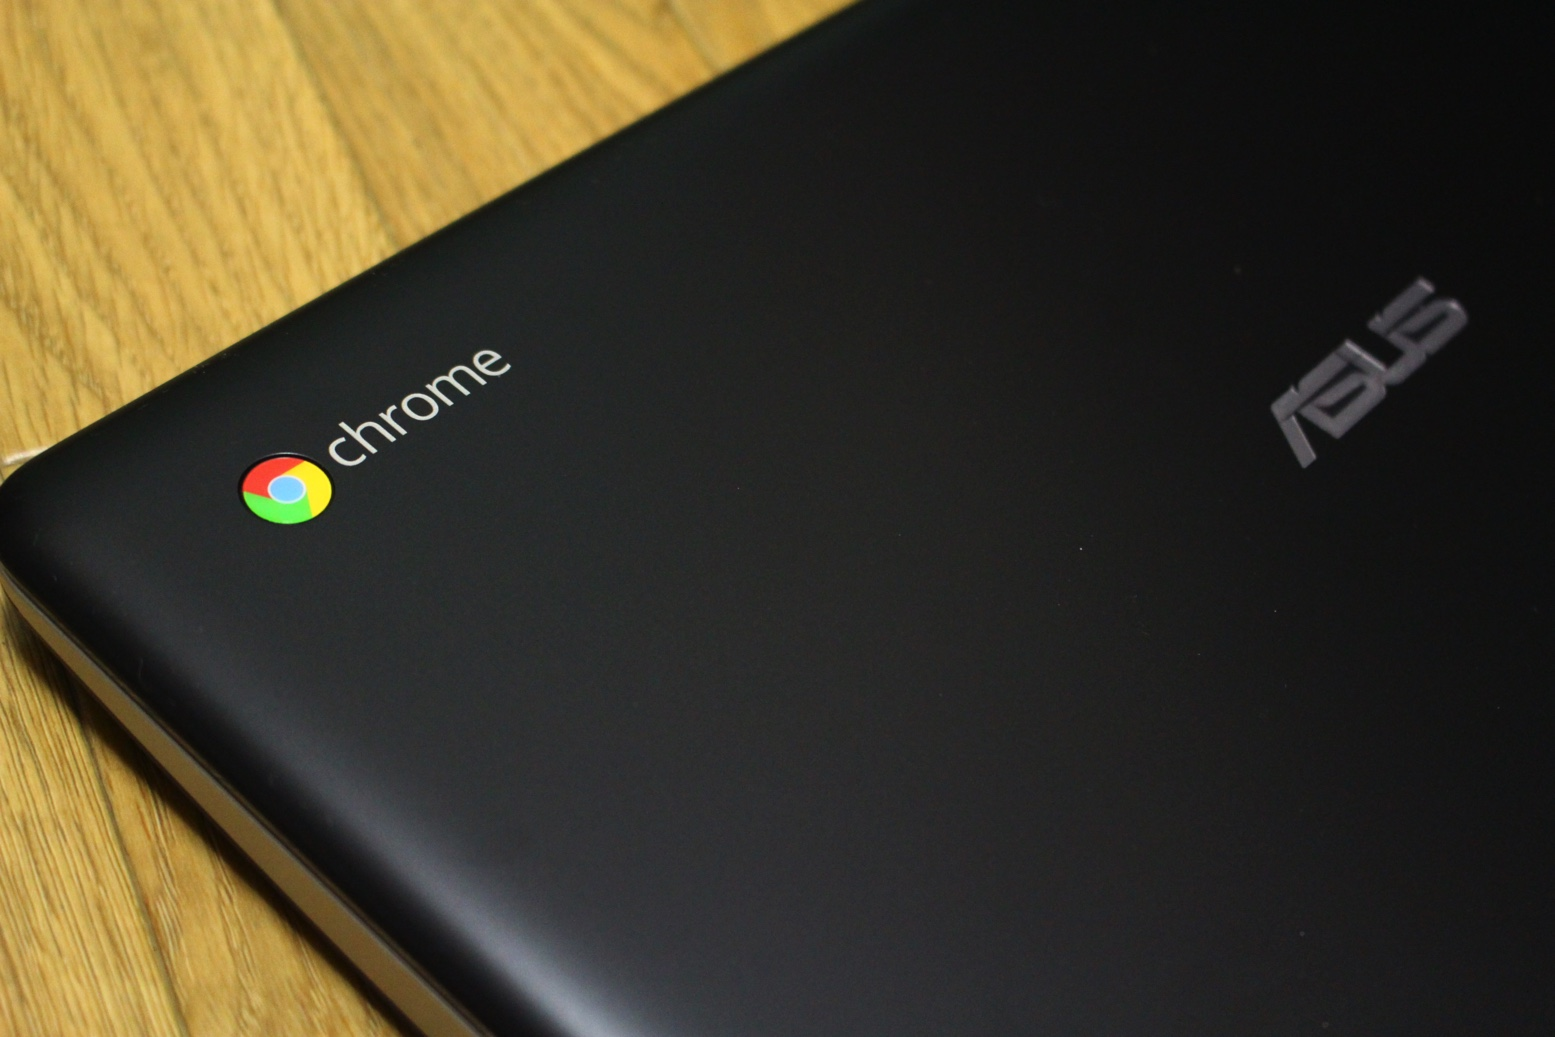 真のネットブック来た!Chromebook「ASUS C200MA」が思った以上に使えるヤツだった